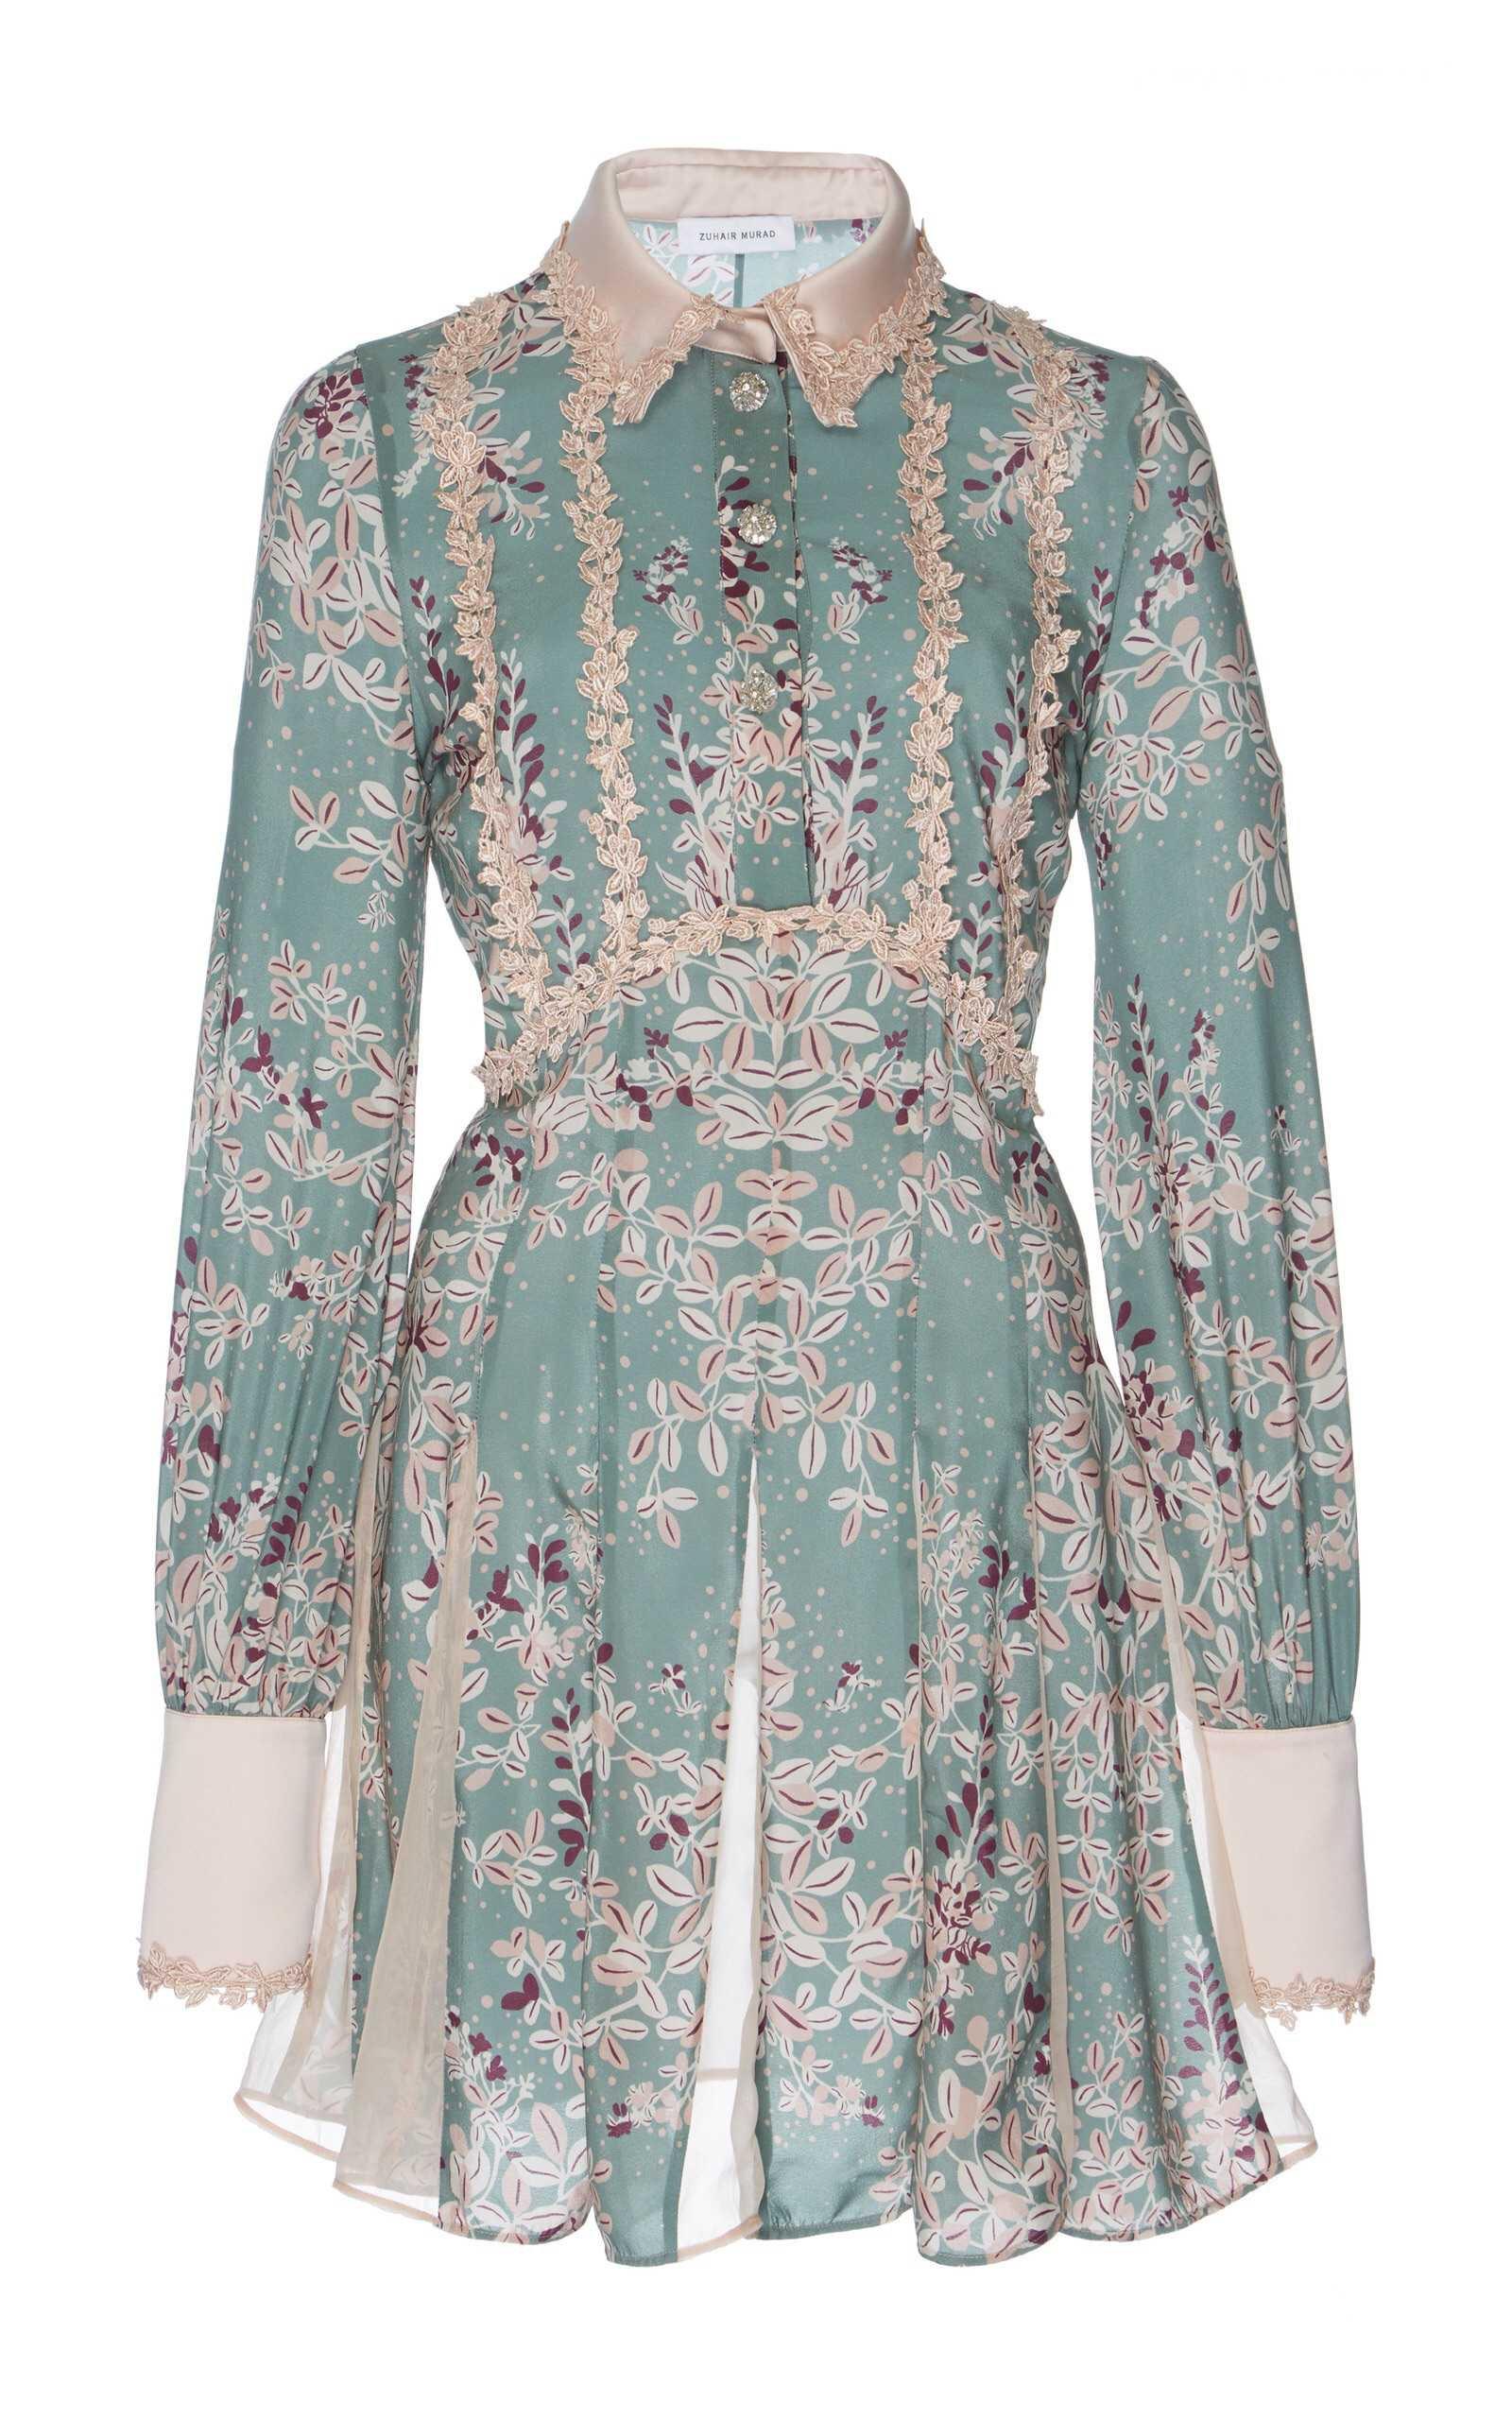 Zuhair Murad Printed Shirt Dress